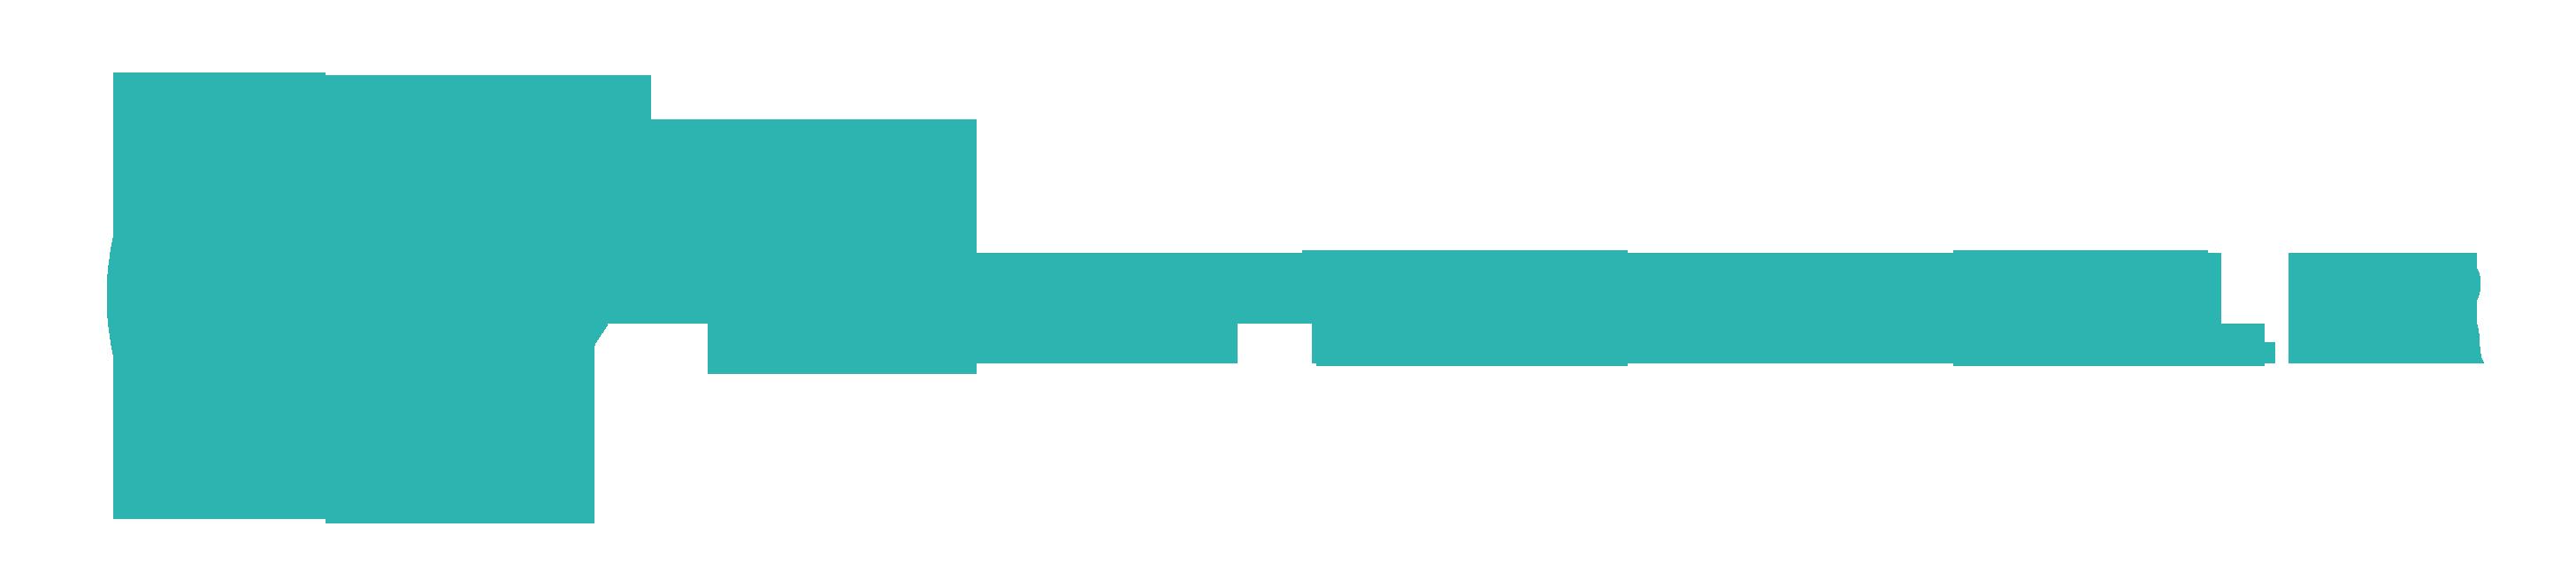 quality controller - aqua.png